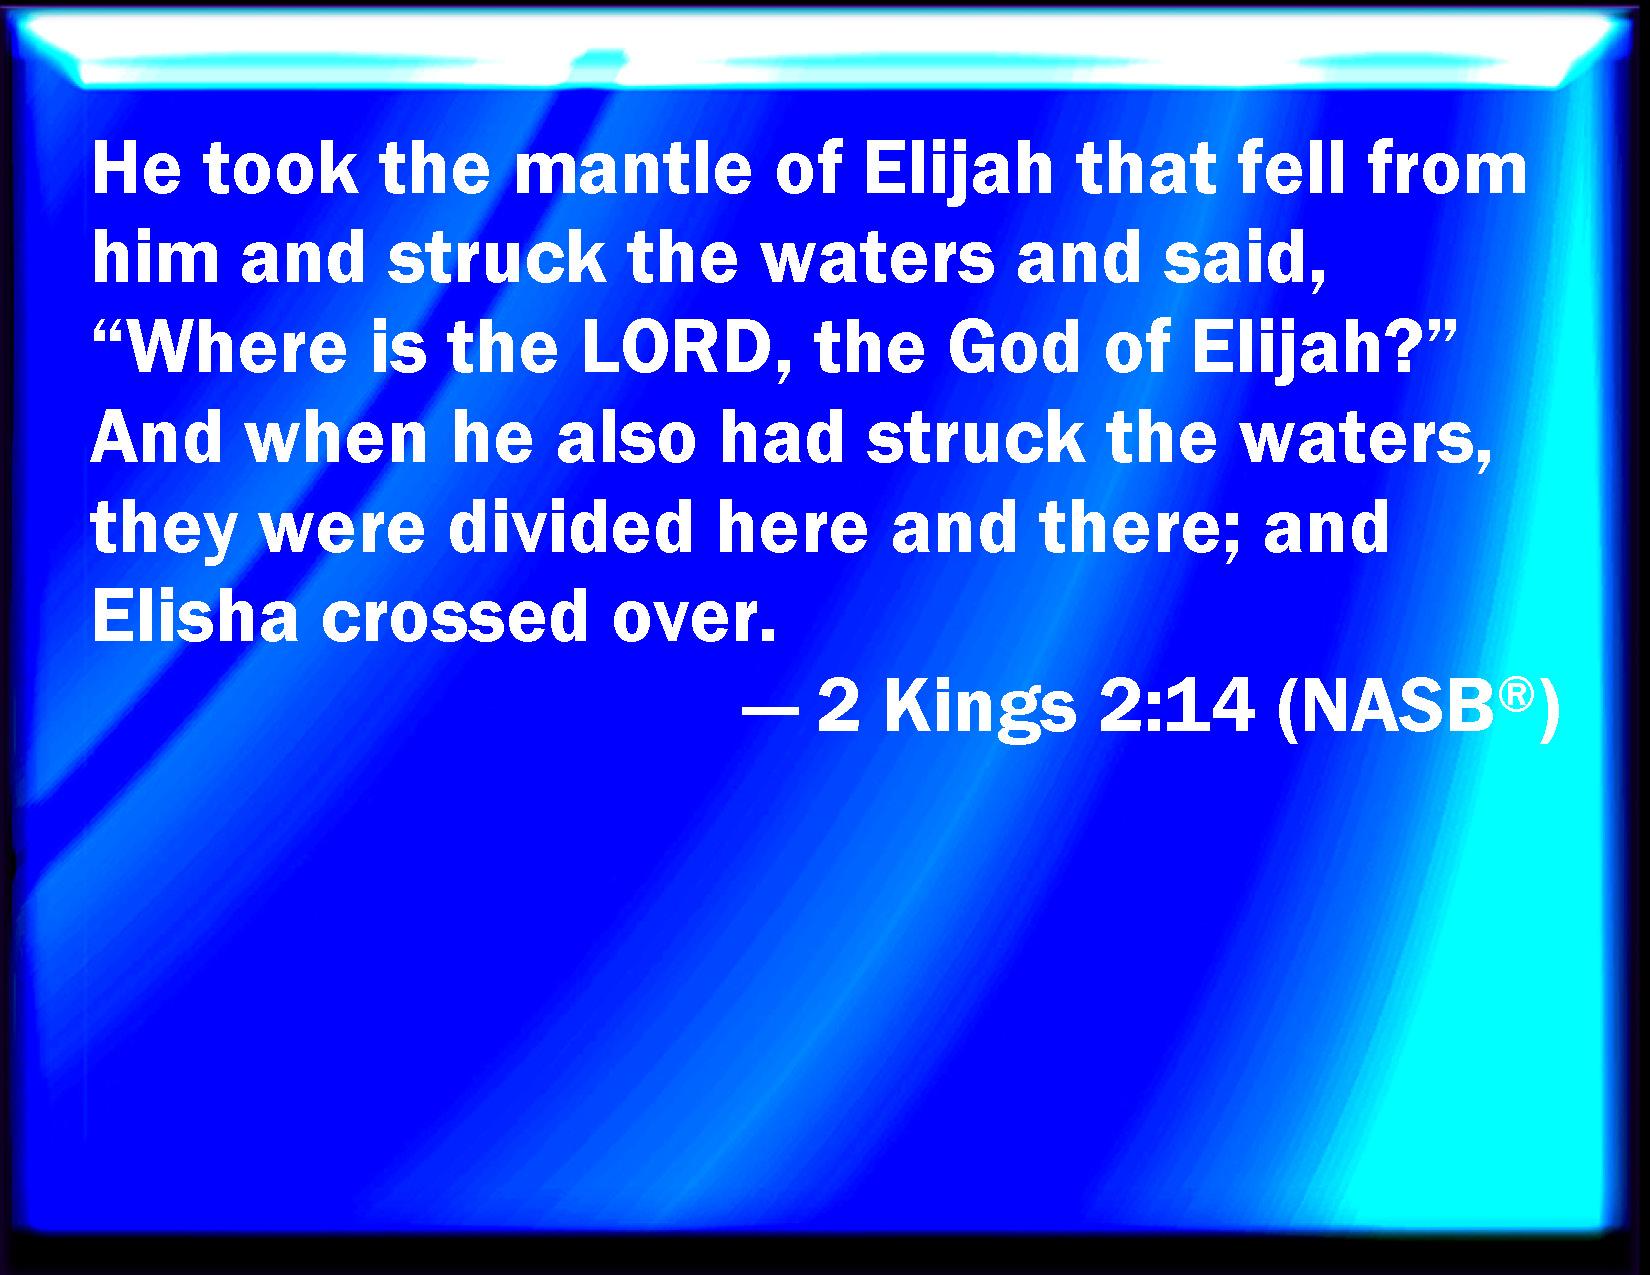 Mantle fell on elisha